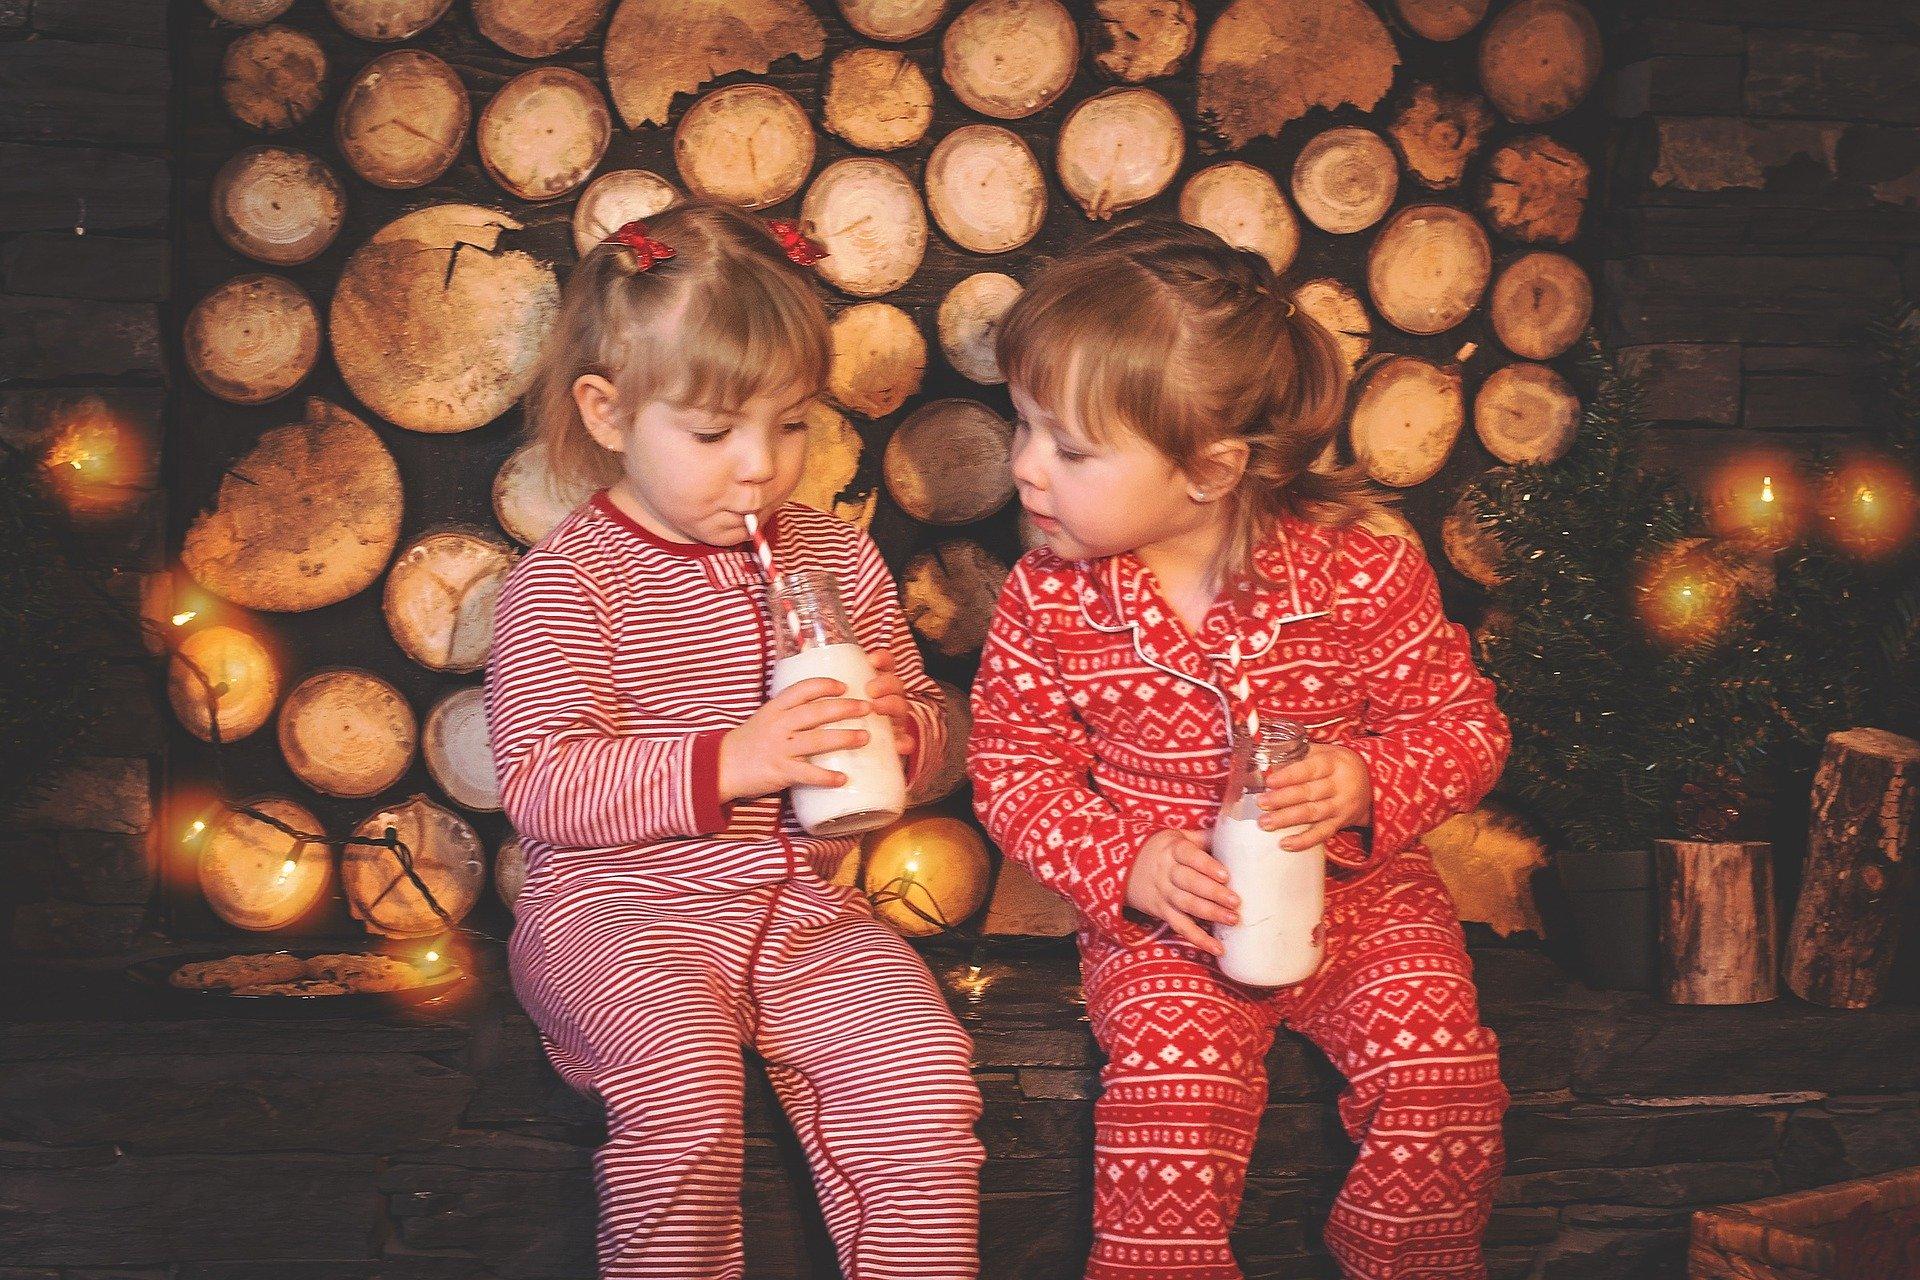 Niñas tomando un batido en Navidad.